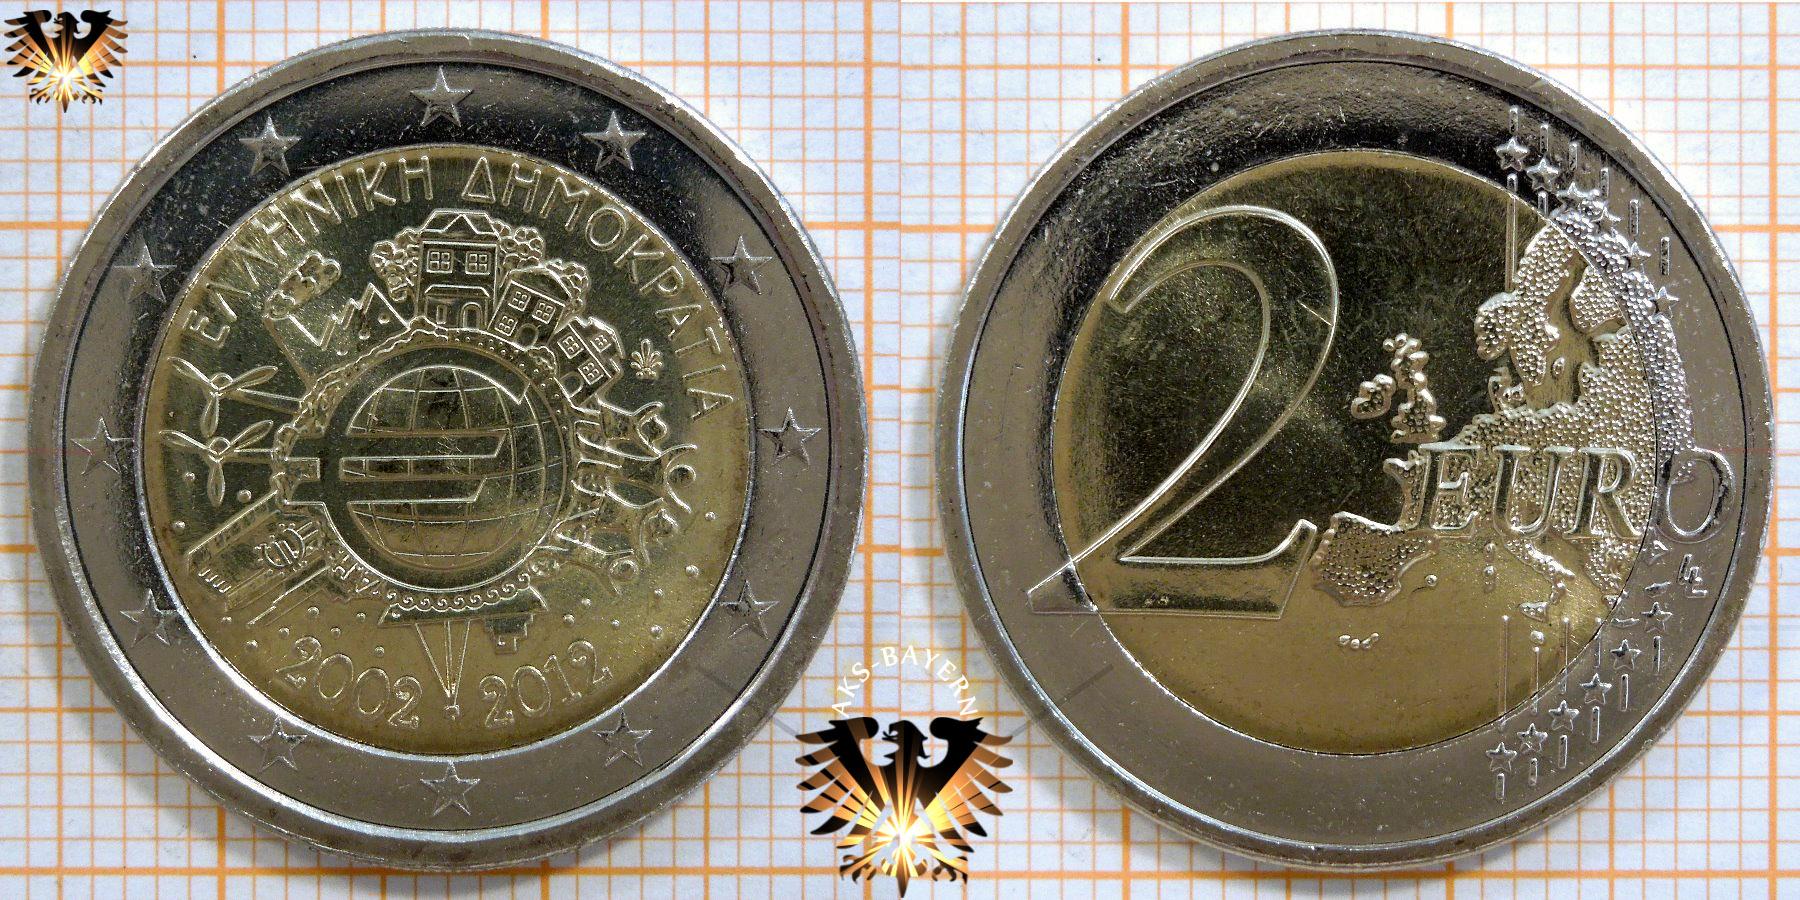 2 euro griechenland 2012 nominal sammlerm nze 10 jahre euro. Black Bedroom Furniture Sets. Home Design Ideas